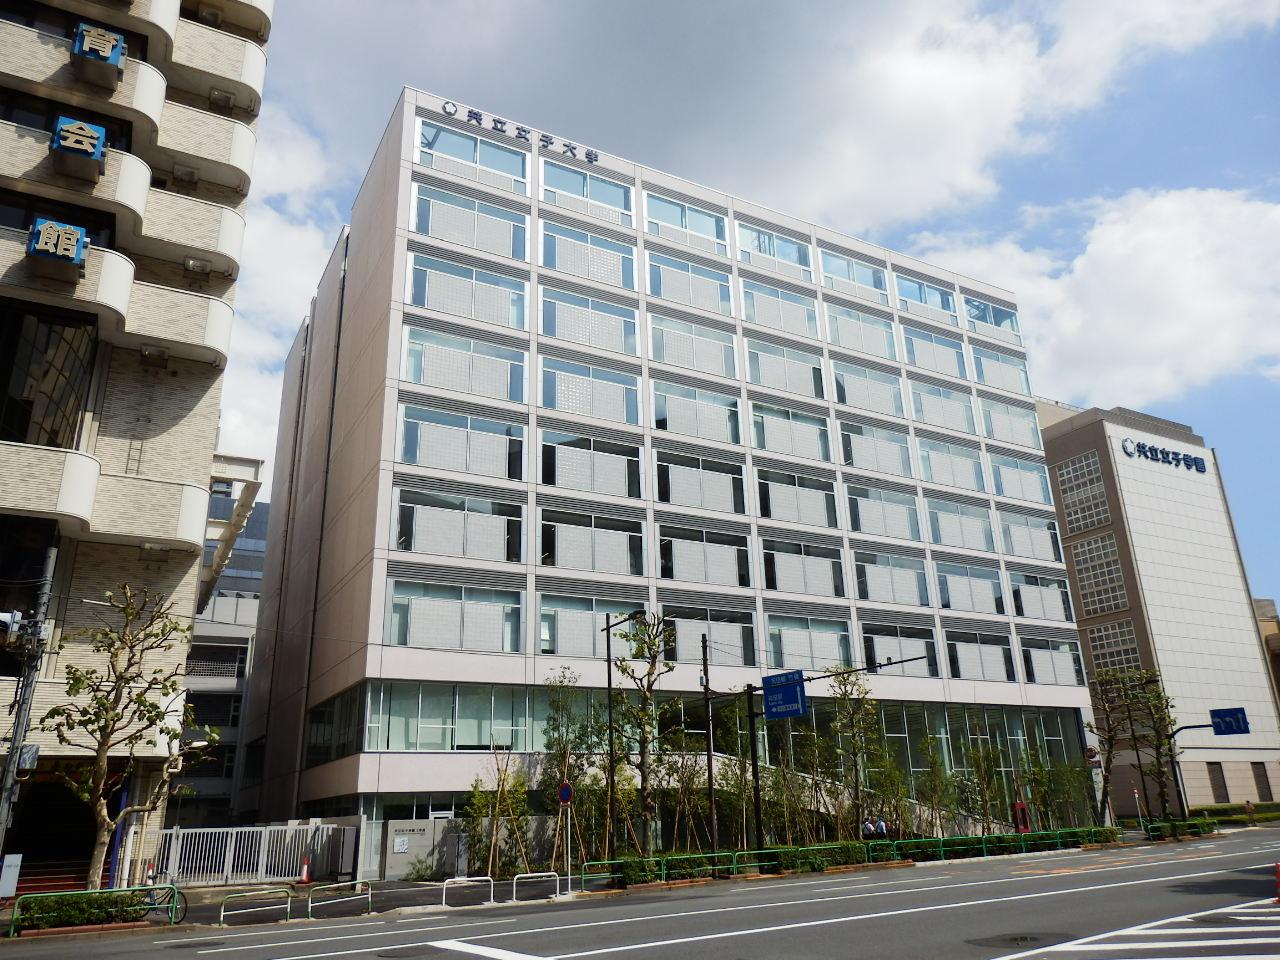 創立130周年を迎えた学校法人共立女子学園の神田一ツ橋キャンパス2号館が竣工 -- 「新たな知の創造拠点」として次世代型の教育・研究環境を構築